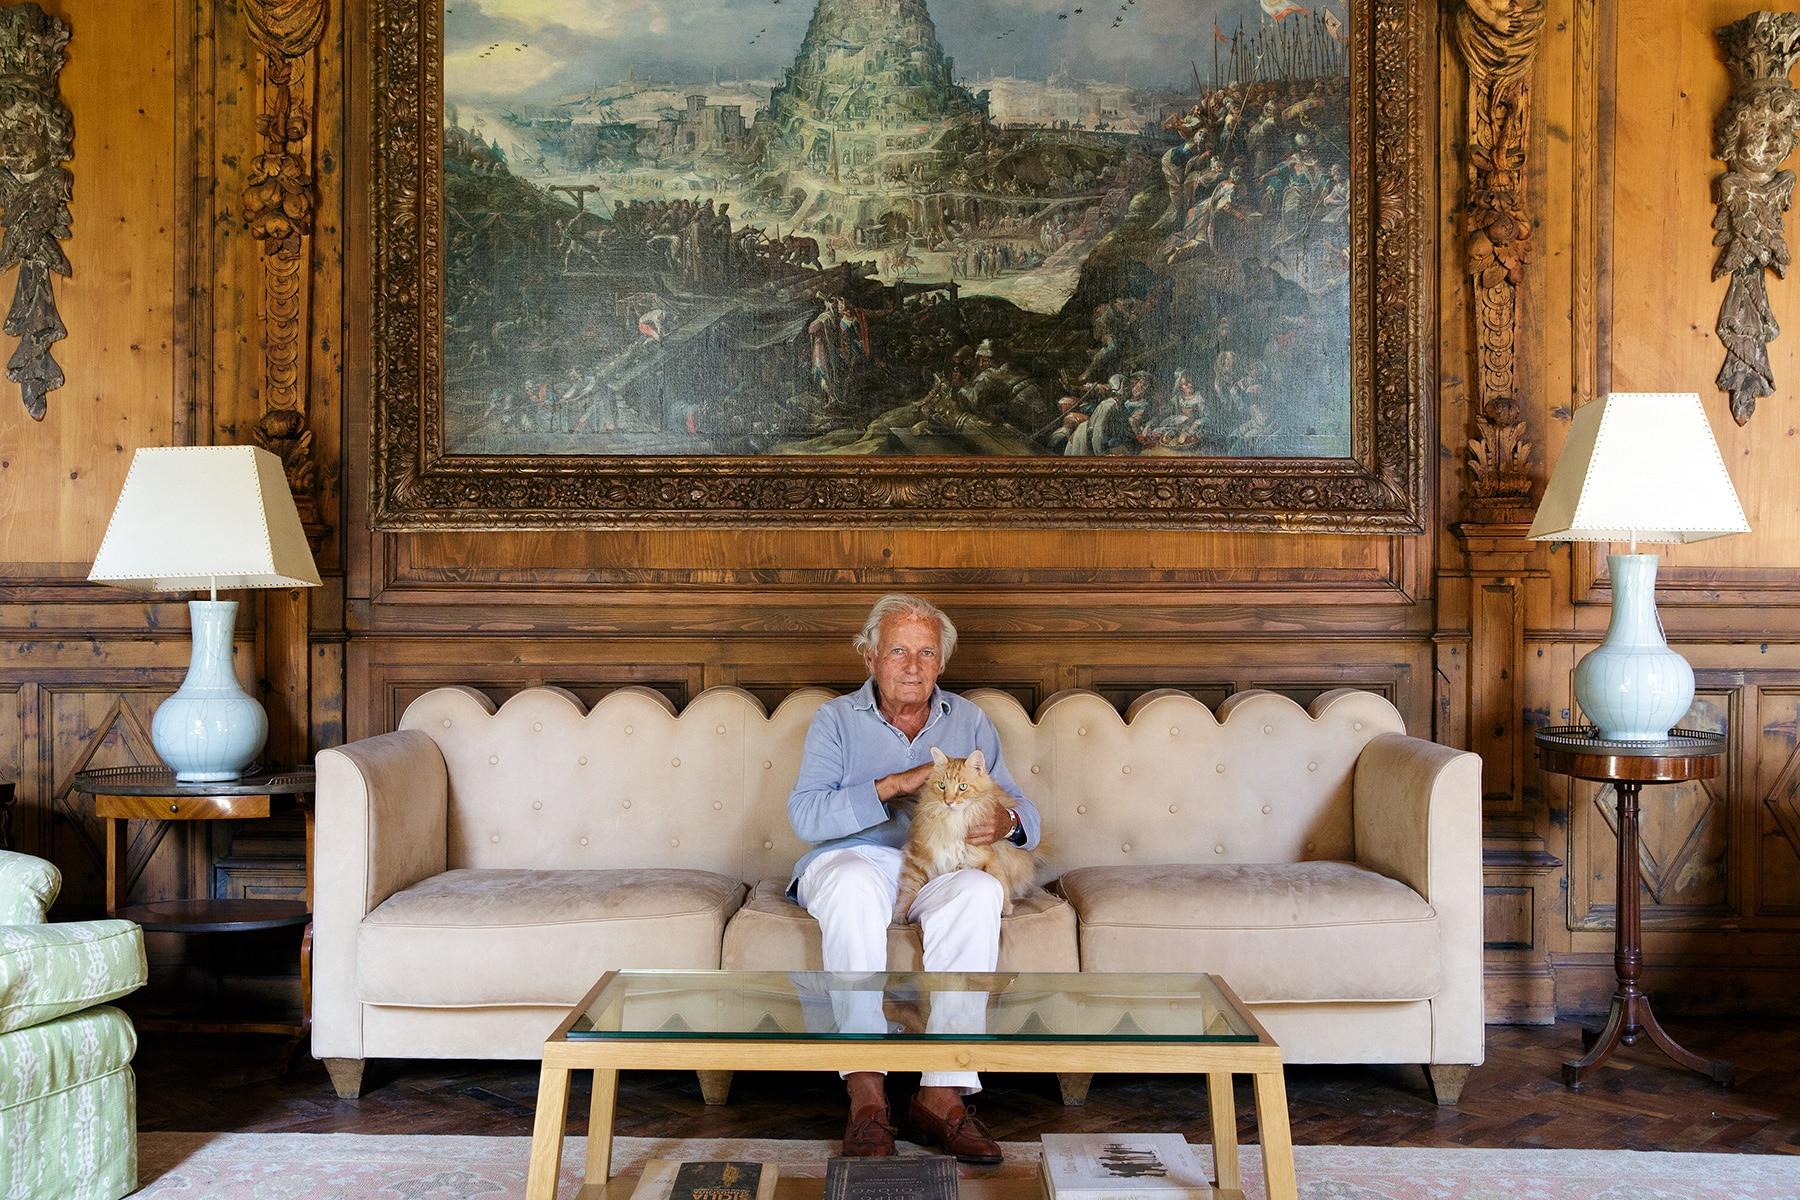 Piero Portaluppi Casa degli Atellani Milan study sofa Piero Castellini Baldissera